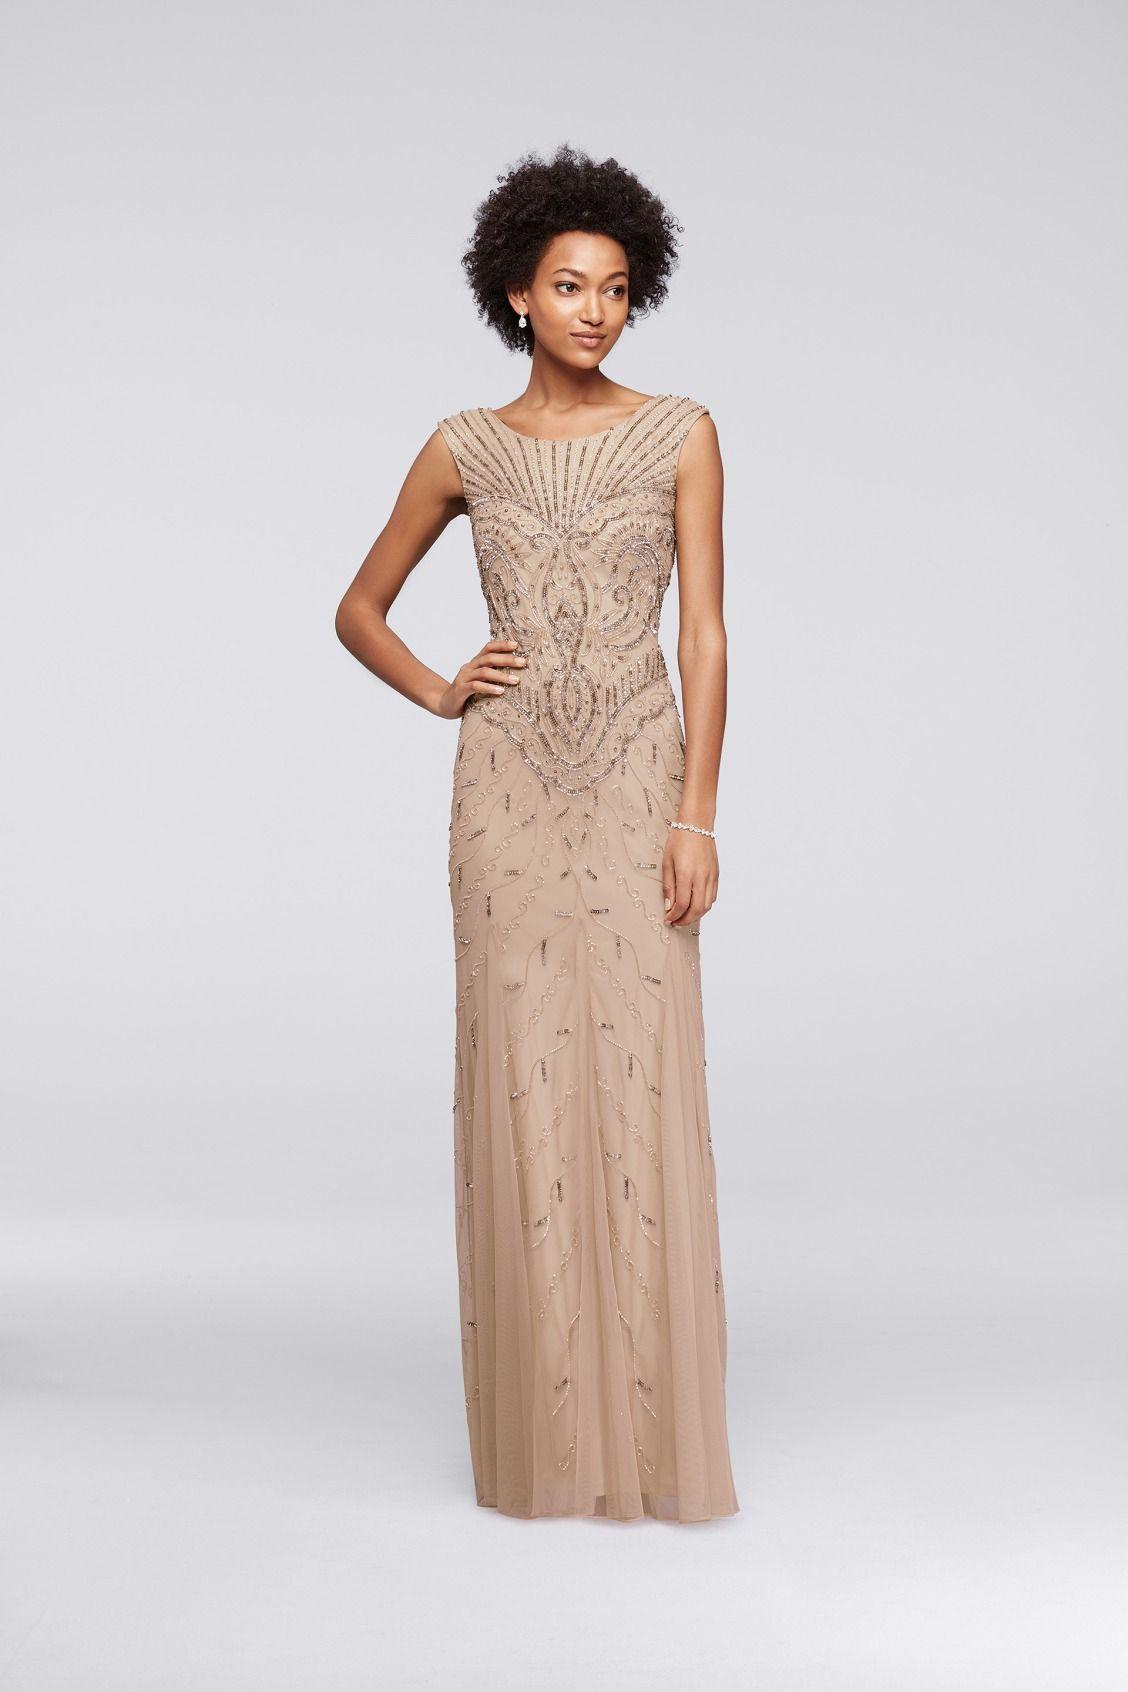 Long Beaded Art Deco Dress With Cap Sleeves David S Bridal Art Deco Bridesmaid Dresses Art Deco Dress Vintage Bridesmaid Dresses